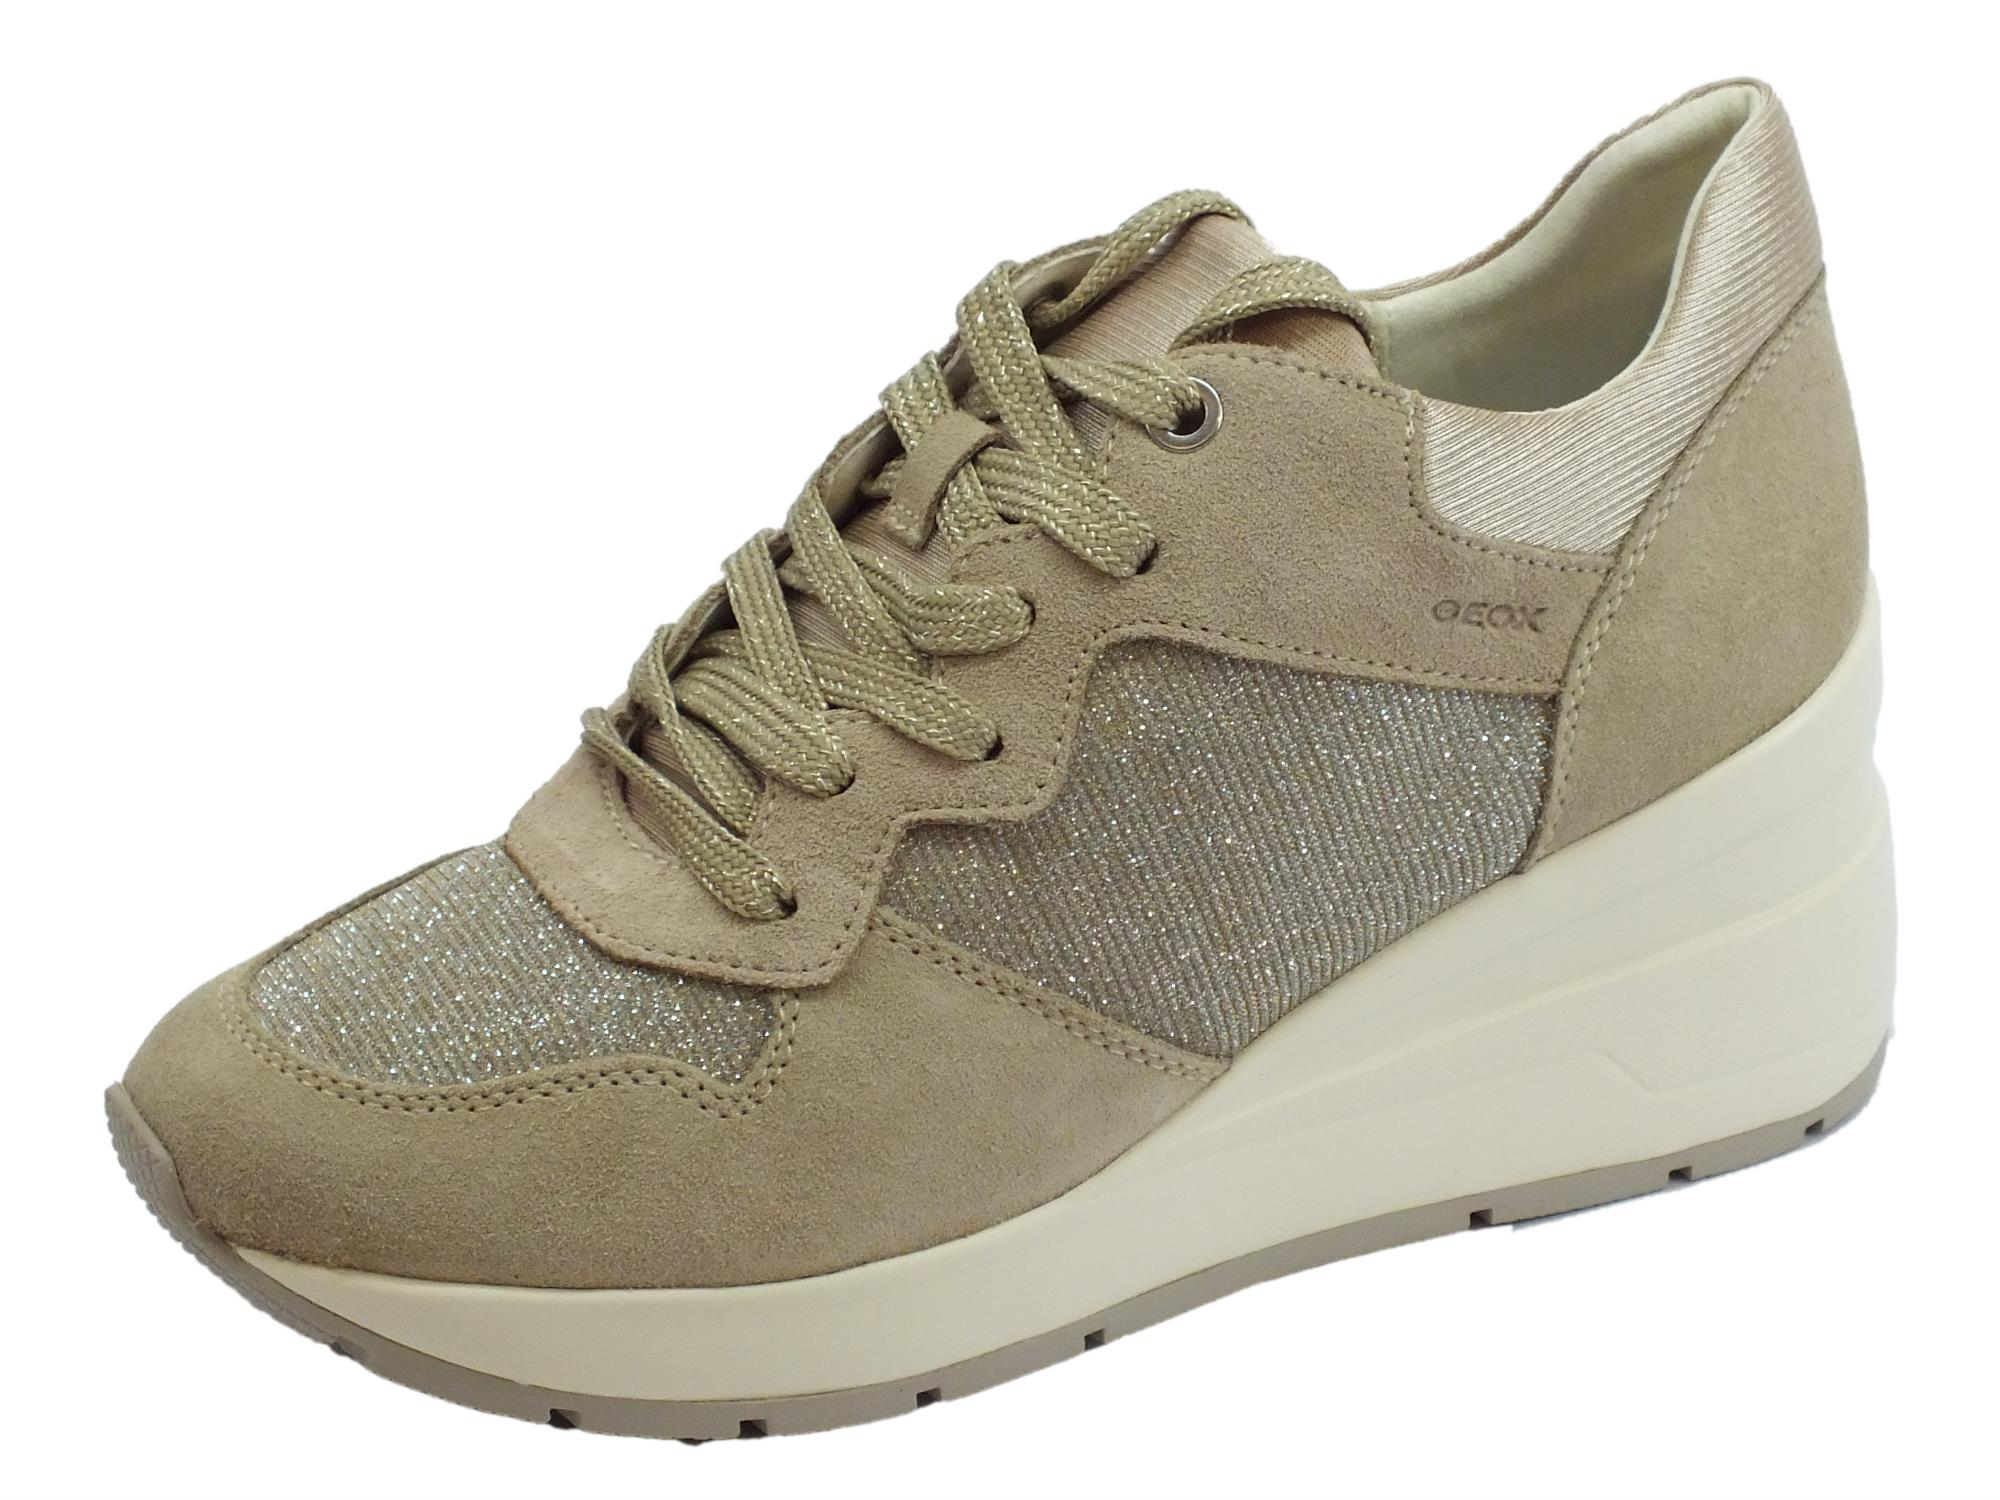 Sneakers Geox donna camoscio taupe glitter argento zeppa - Vitiello ... 3b50435ab2b